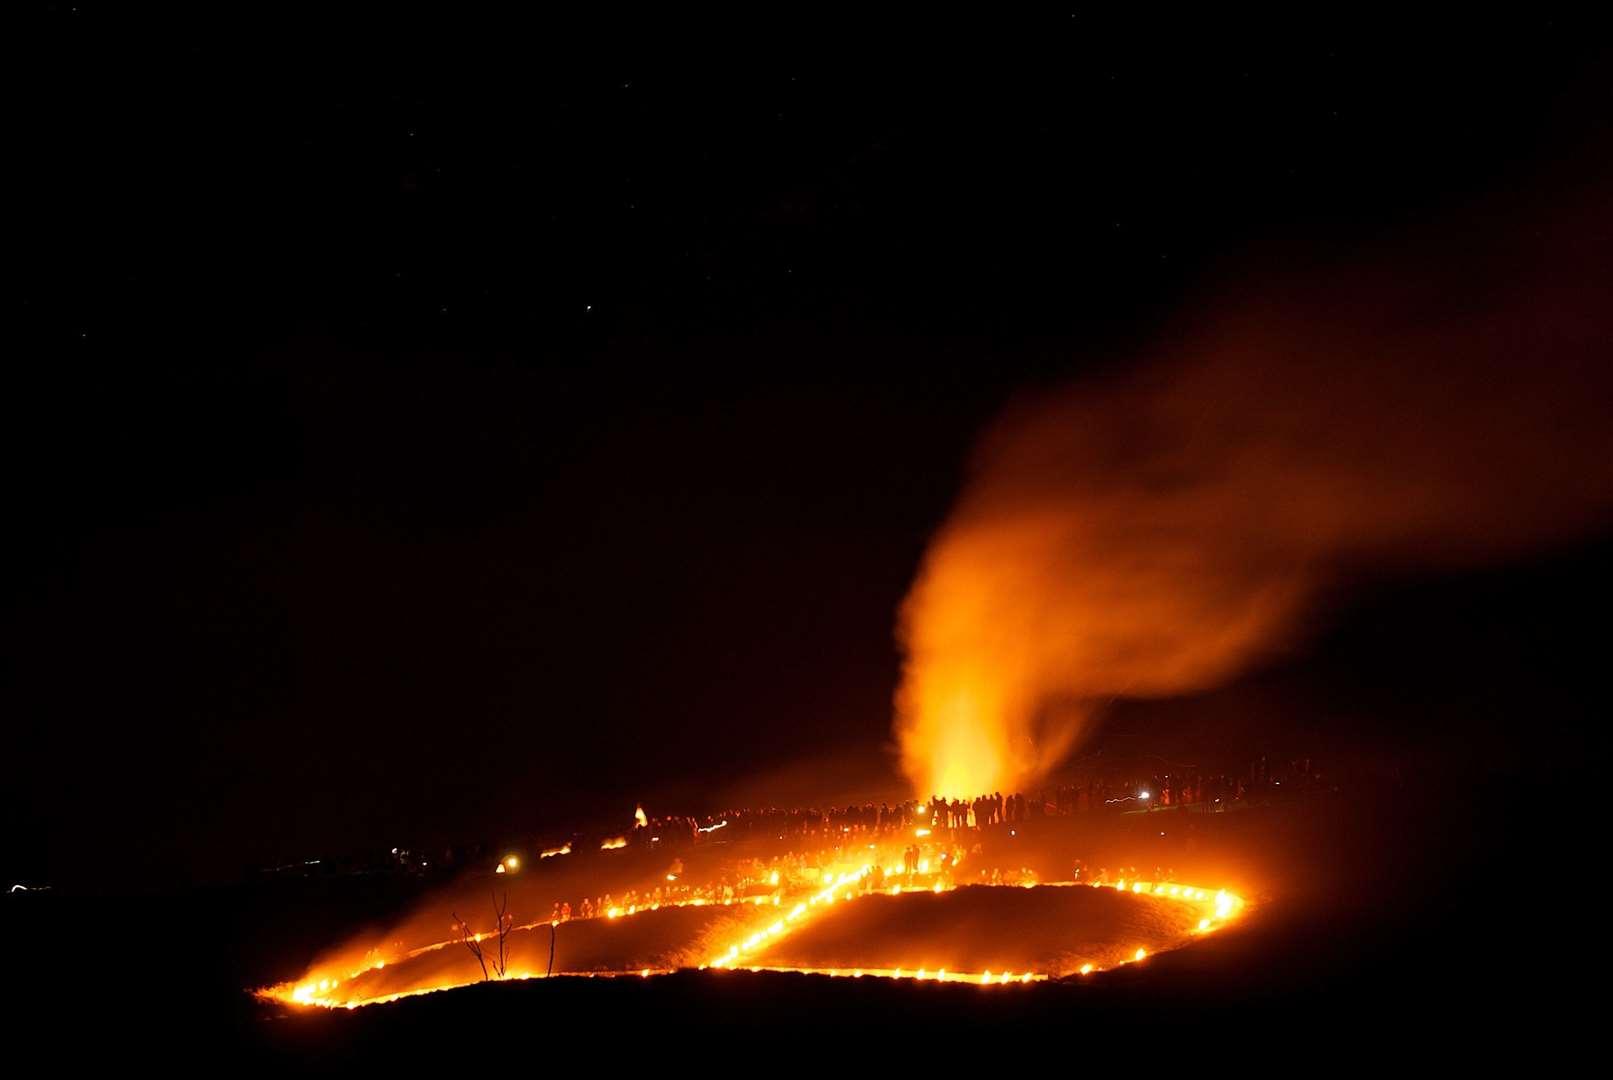 Fuegos artificiales sobre la corona de Wye iluminada en Wye Downs en noviembre de 2010. Imagen: Richard Earland